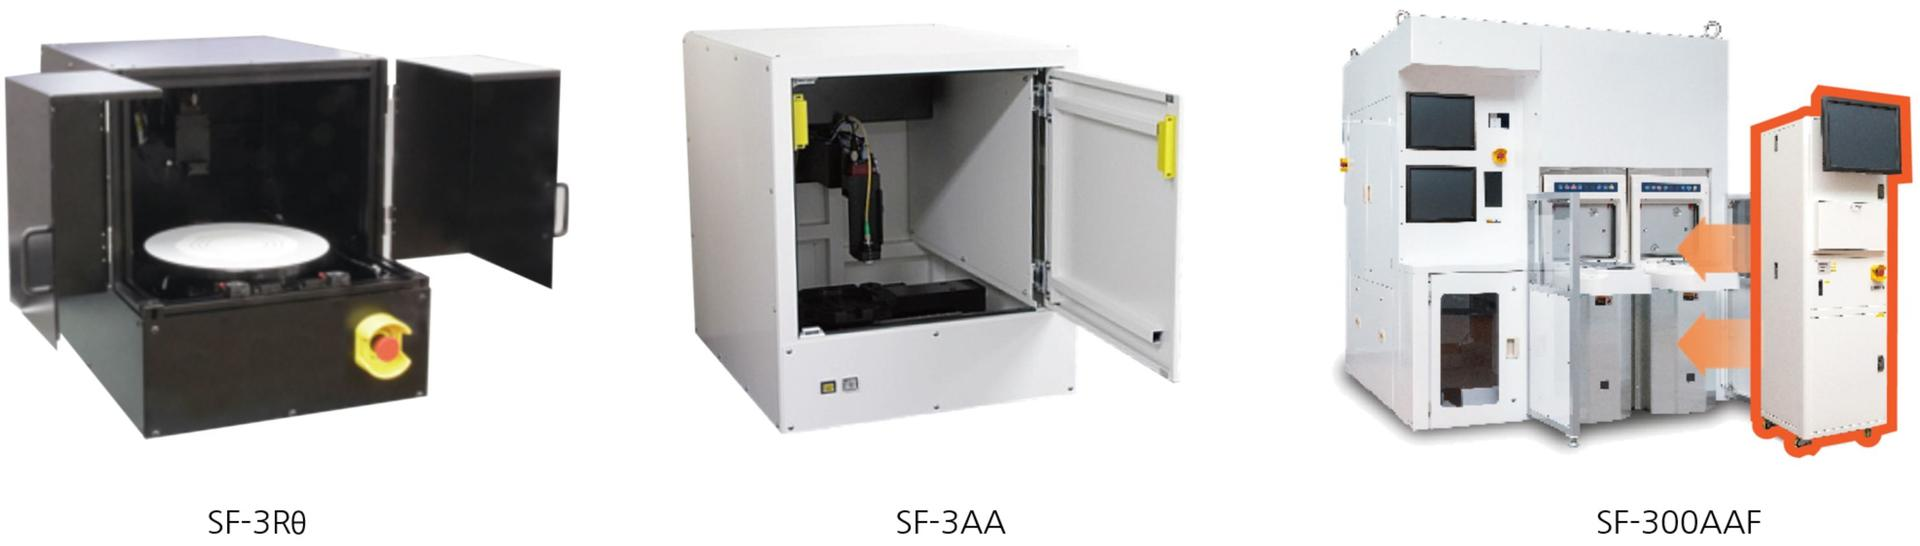 SF-3Rθ, SF-3AA, SF-300AAF 제품이미지